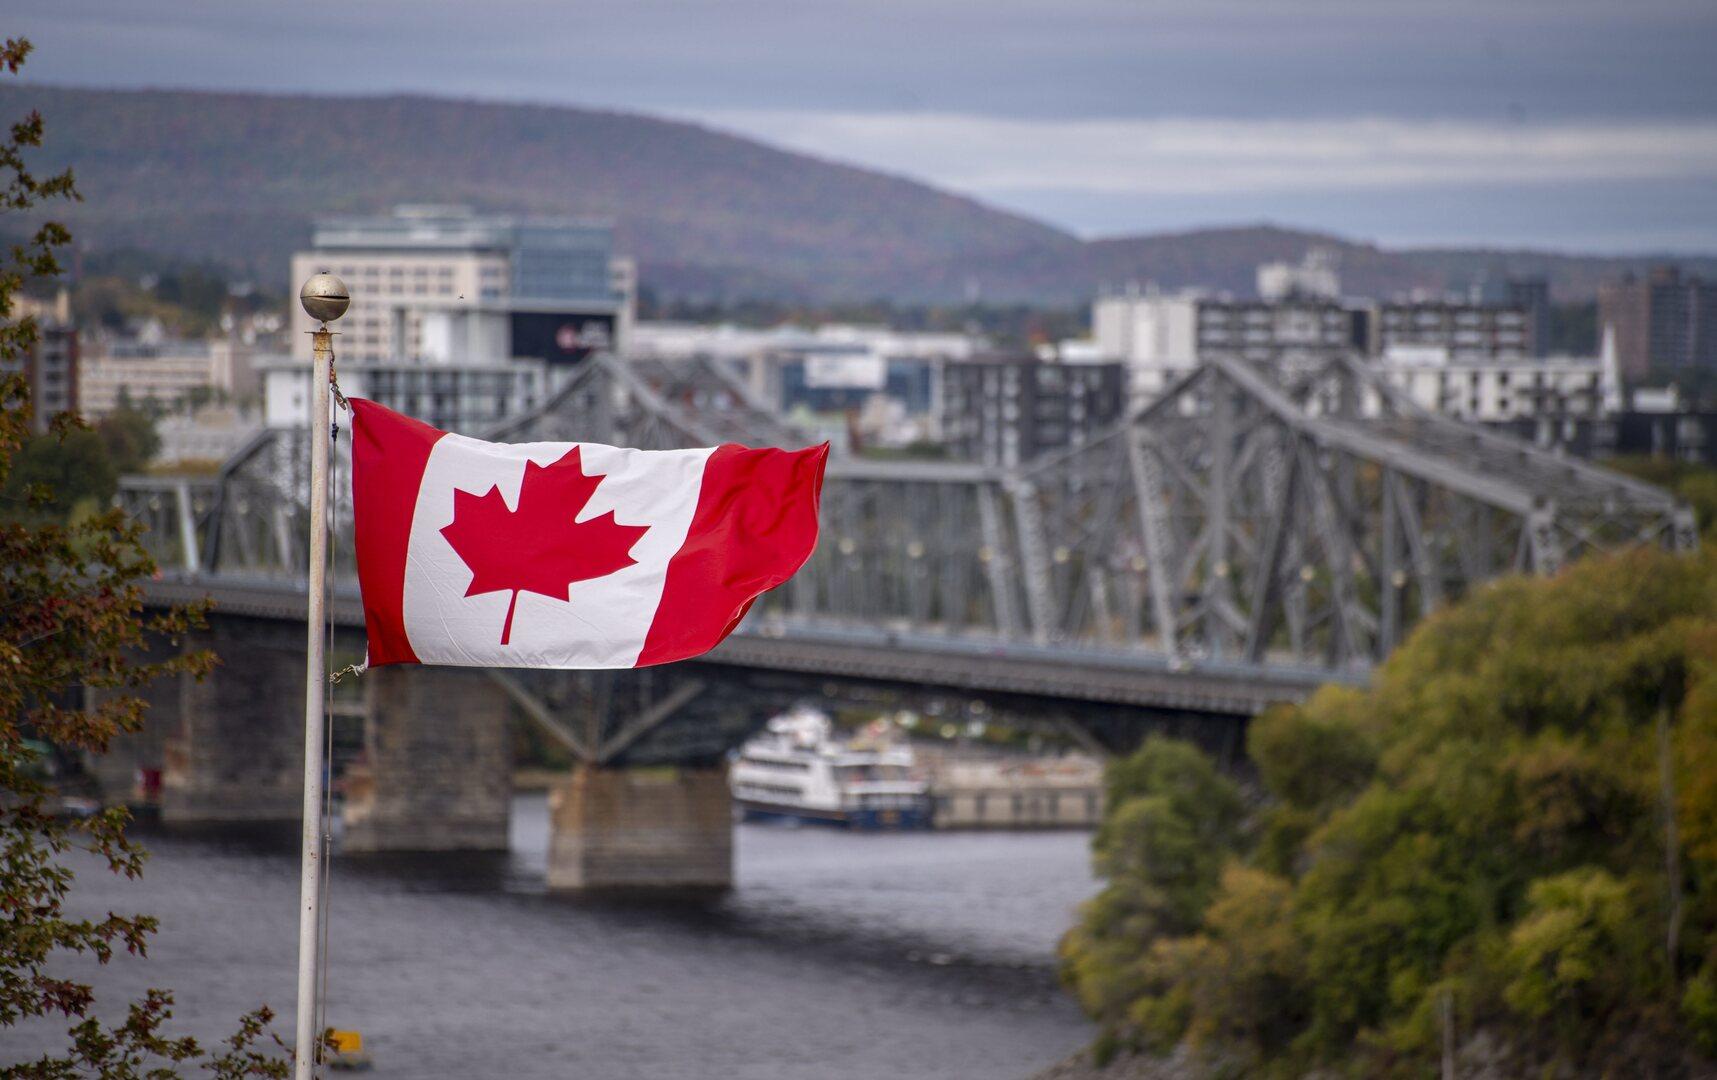 السفارة الروسية في كندا: سلطات كندا تماطل بتسليم سفاح نازي سابق لروسيا